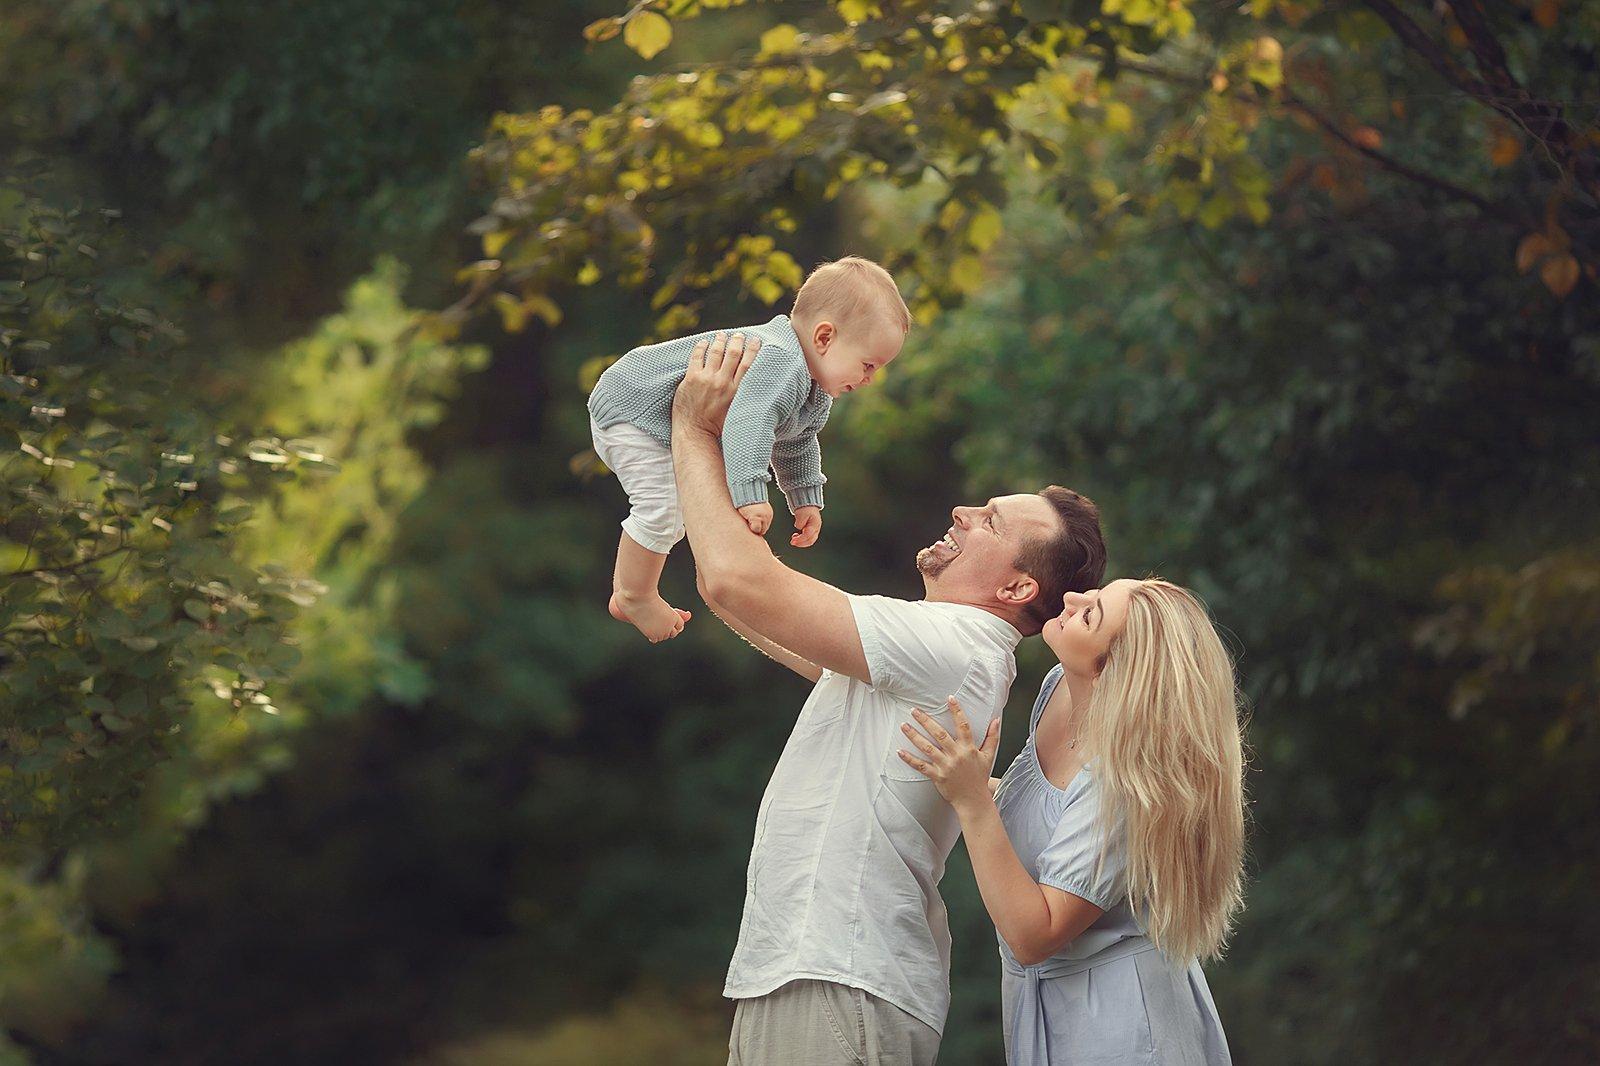 семья, дети, портрет, Ольга Балакир